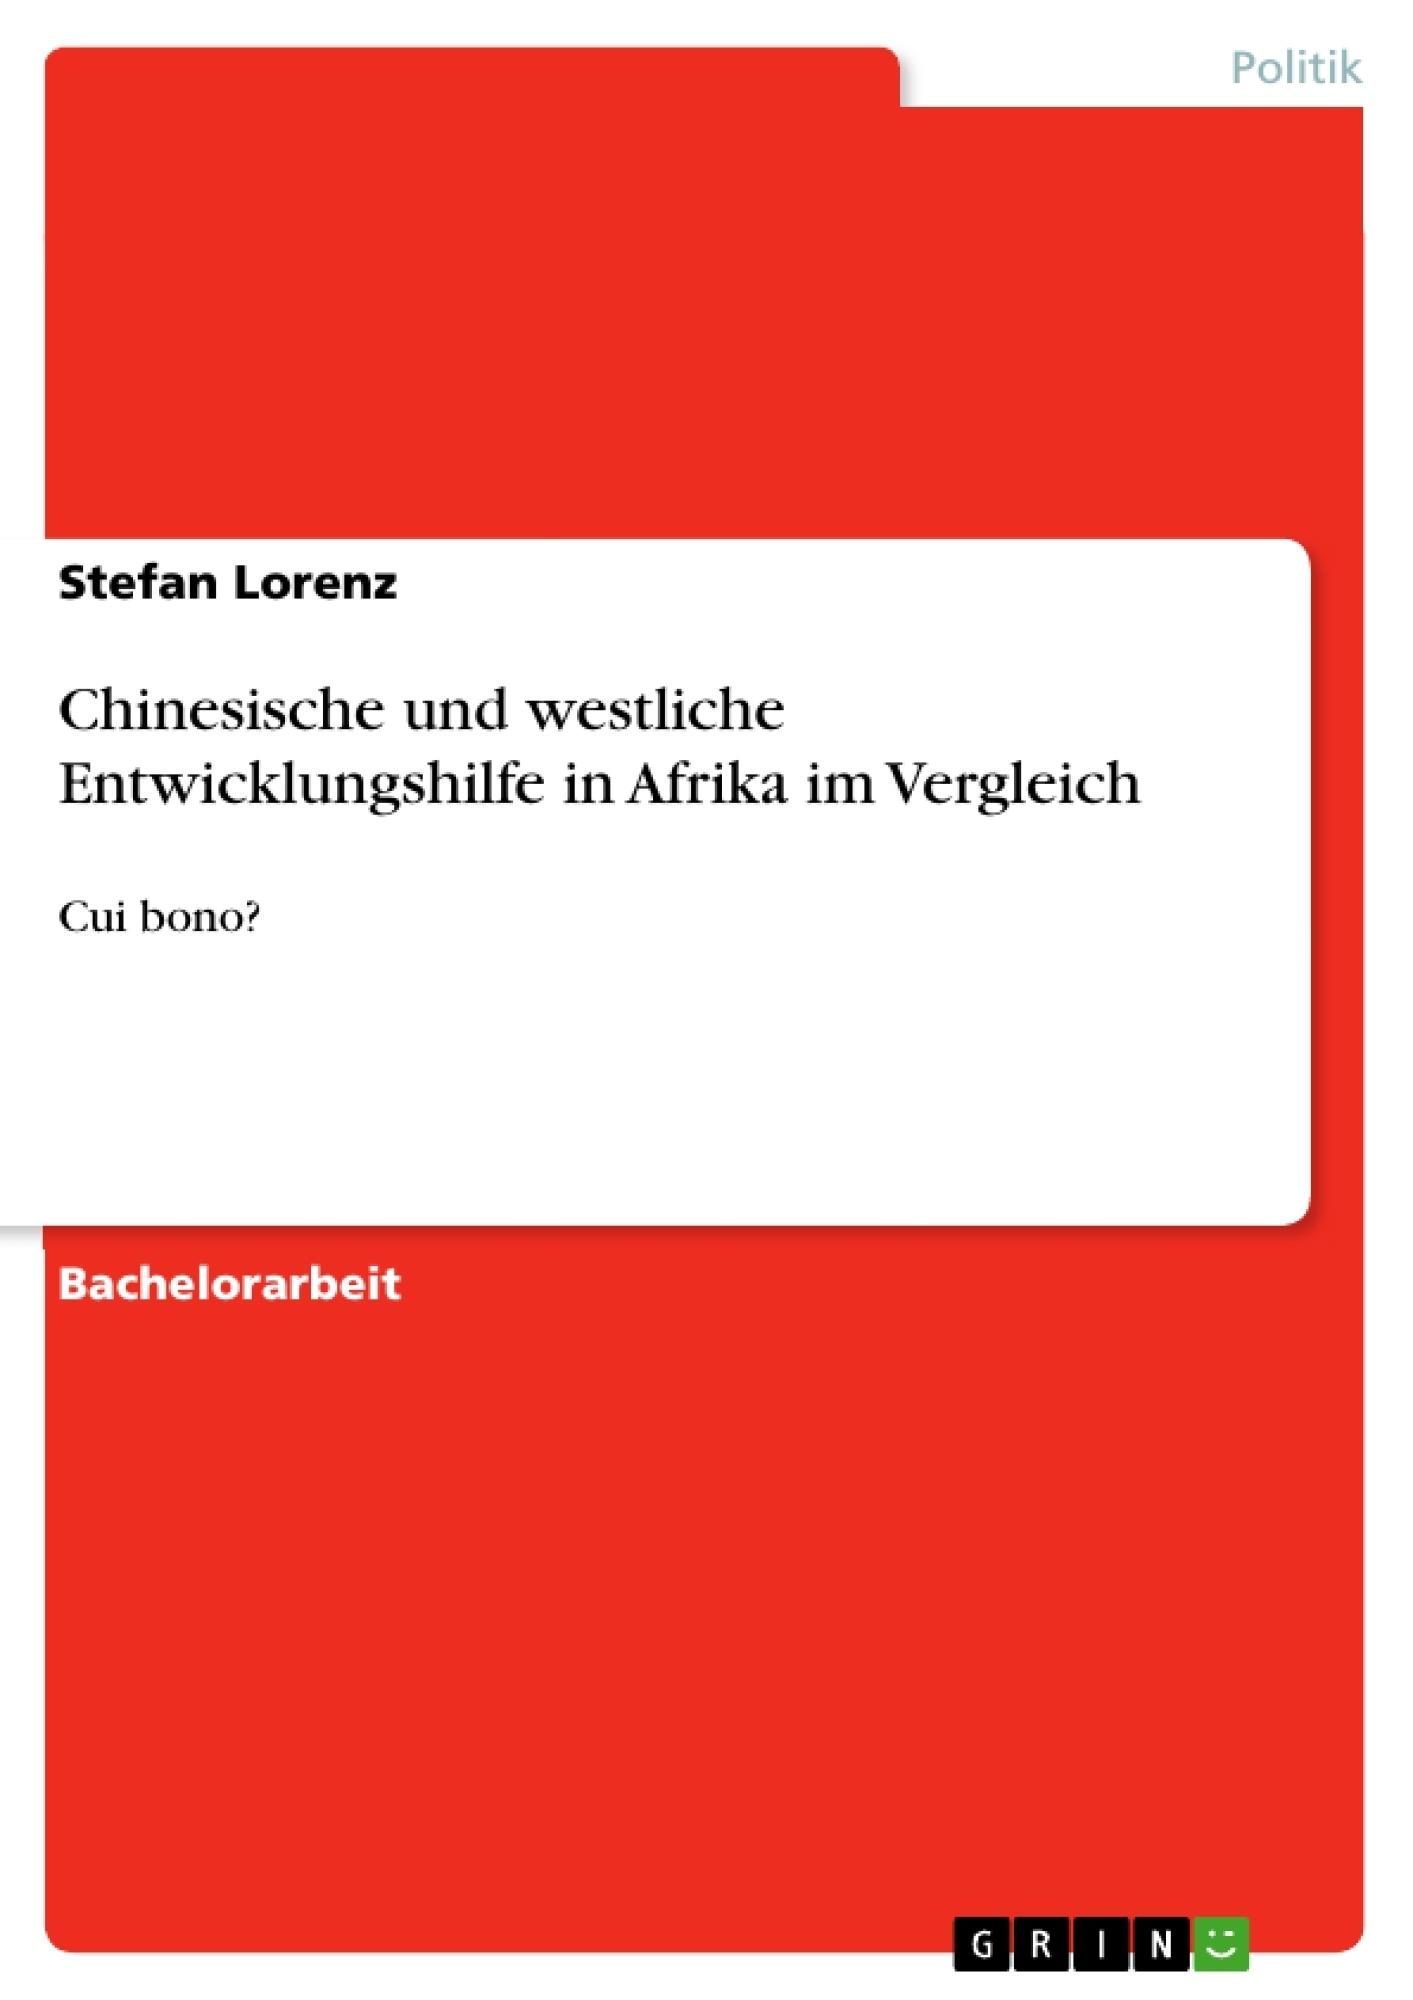 Titel: Chinesische und westliche Entwicklungshilfe in Afrika im Vergleich